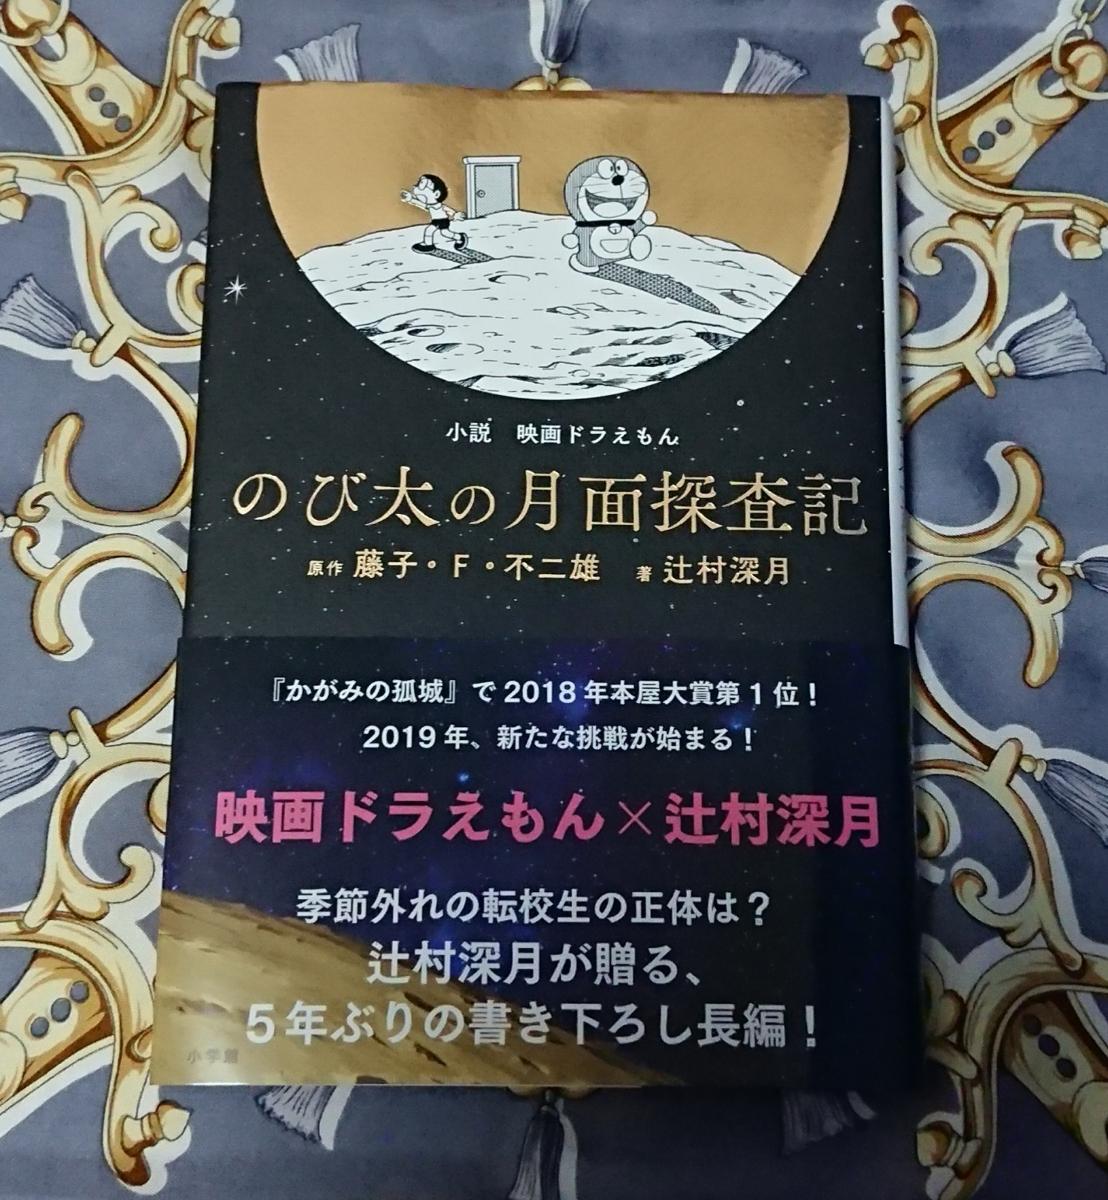 〈サイン本〉藤子・F・不二雄 / 辻村深月「小説映画ドラえもんのび太の月面探査記」_画像3